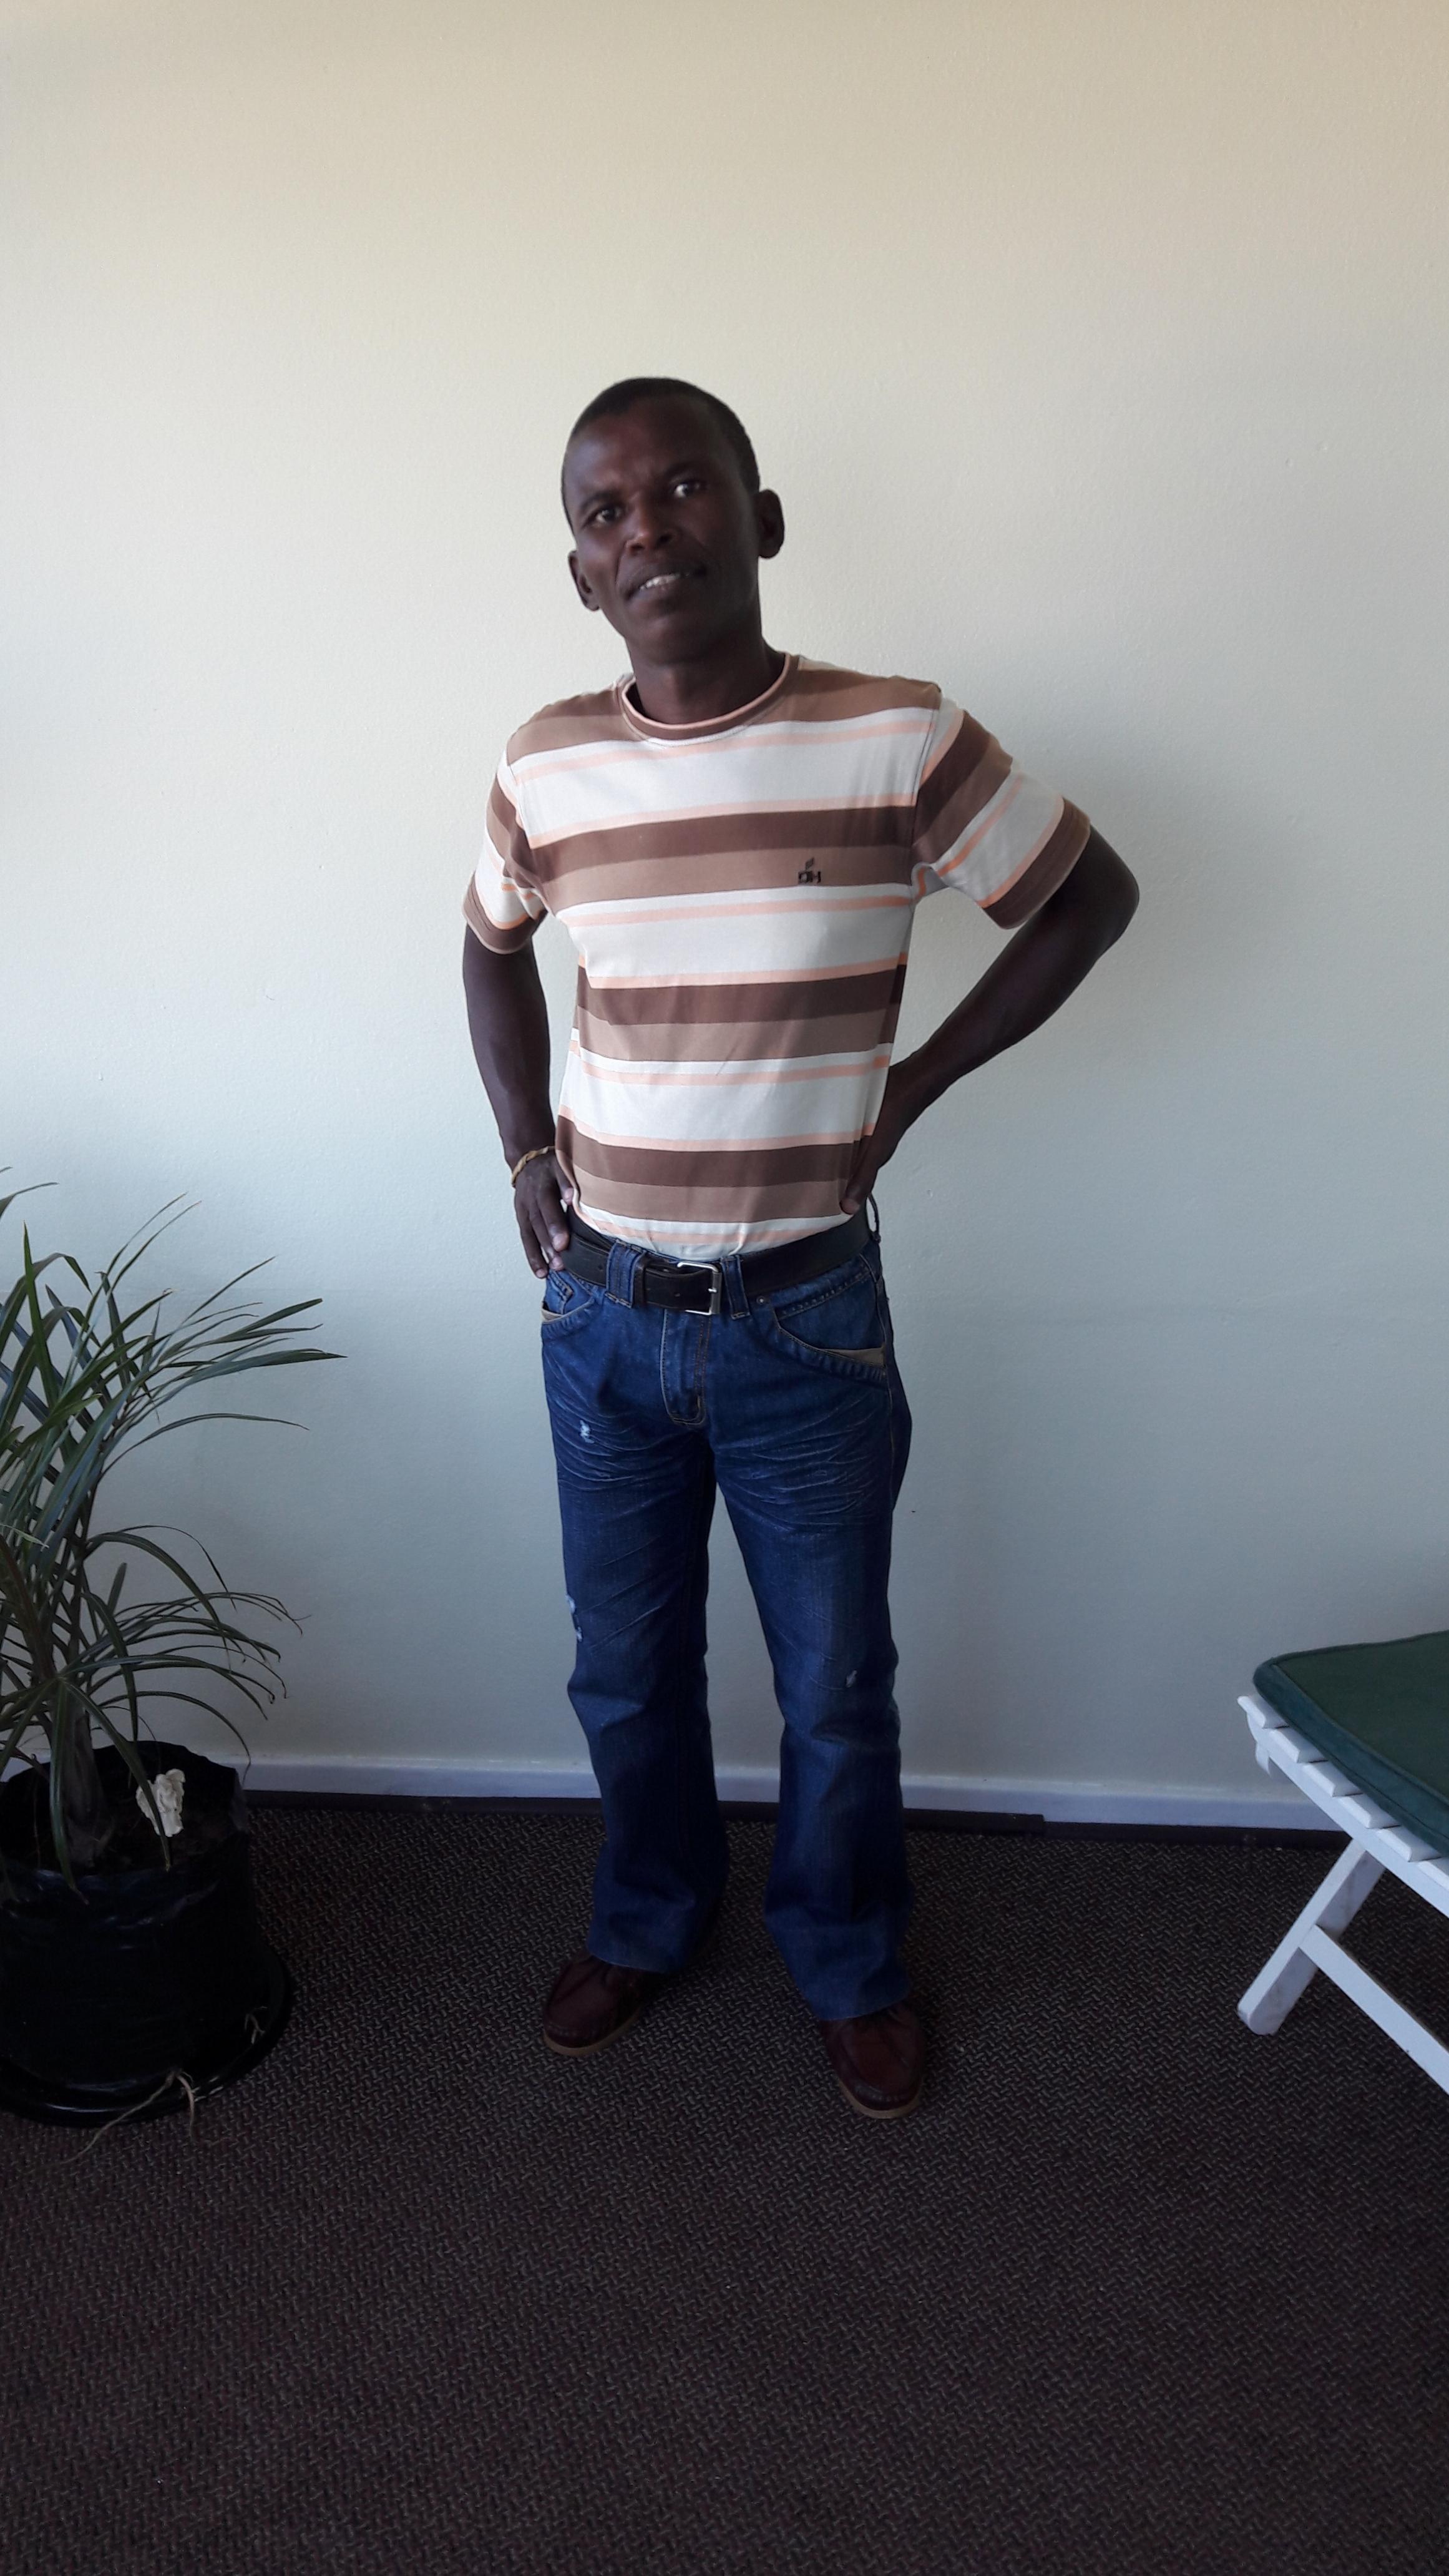 Sikhosiphi Wiseman Mthembu